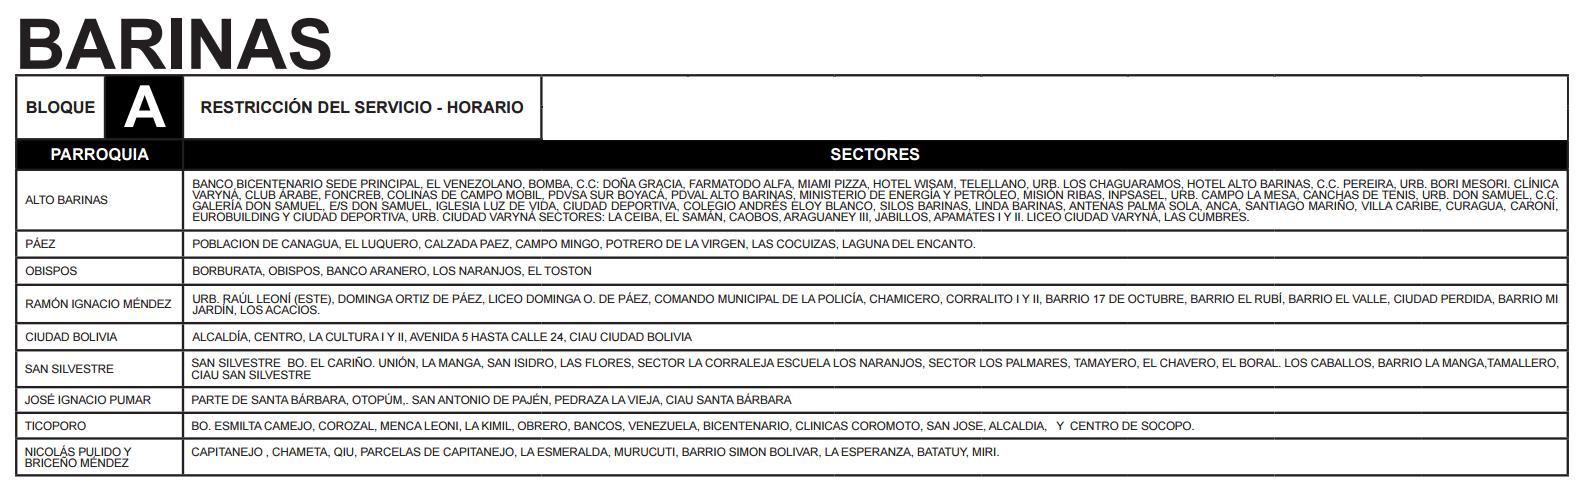 Cronograma de racionamiento el ctrico barinas del 13 al 19 for Racionamiento de luz en aragua